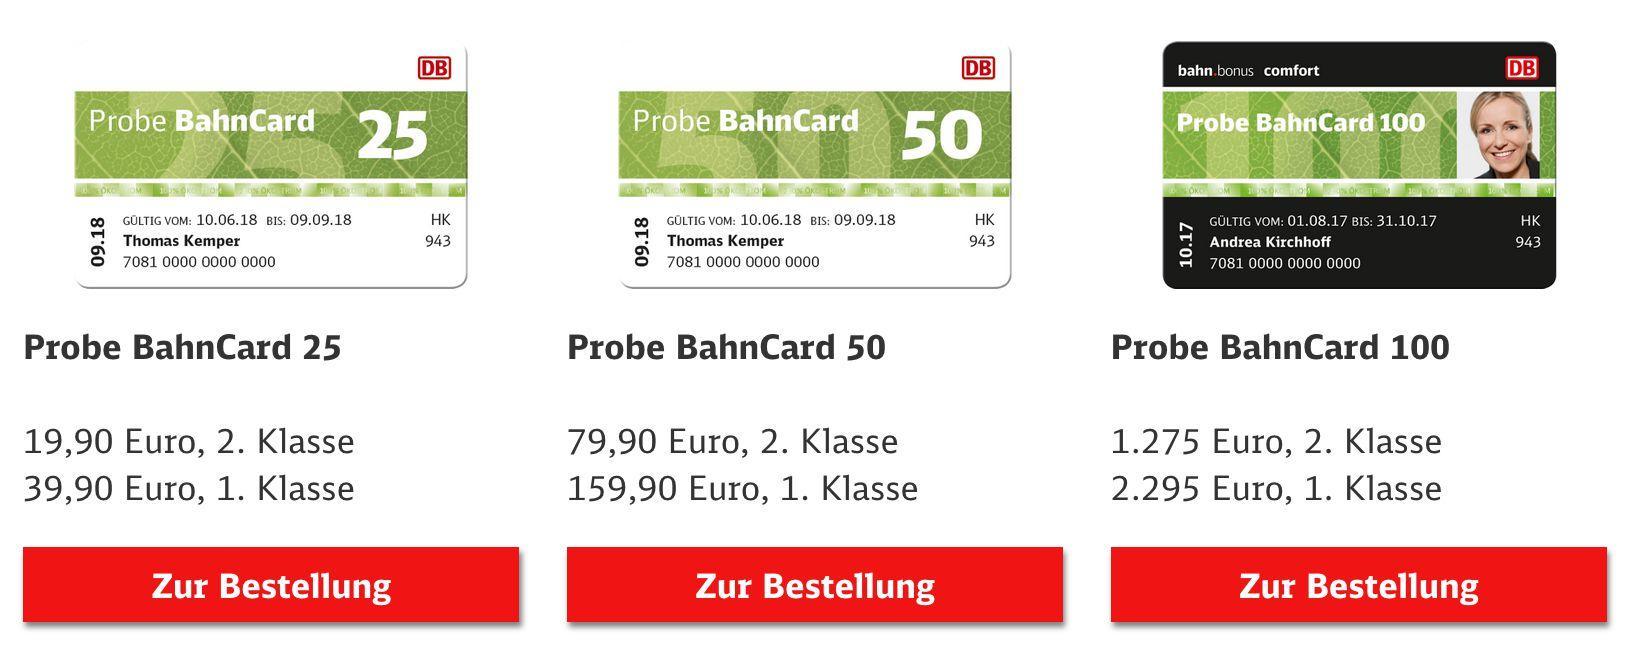 Bahncard 25 Auf Probe